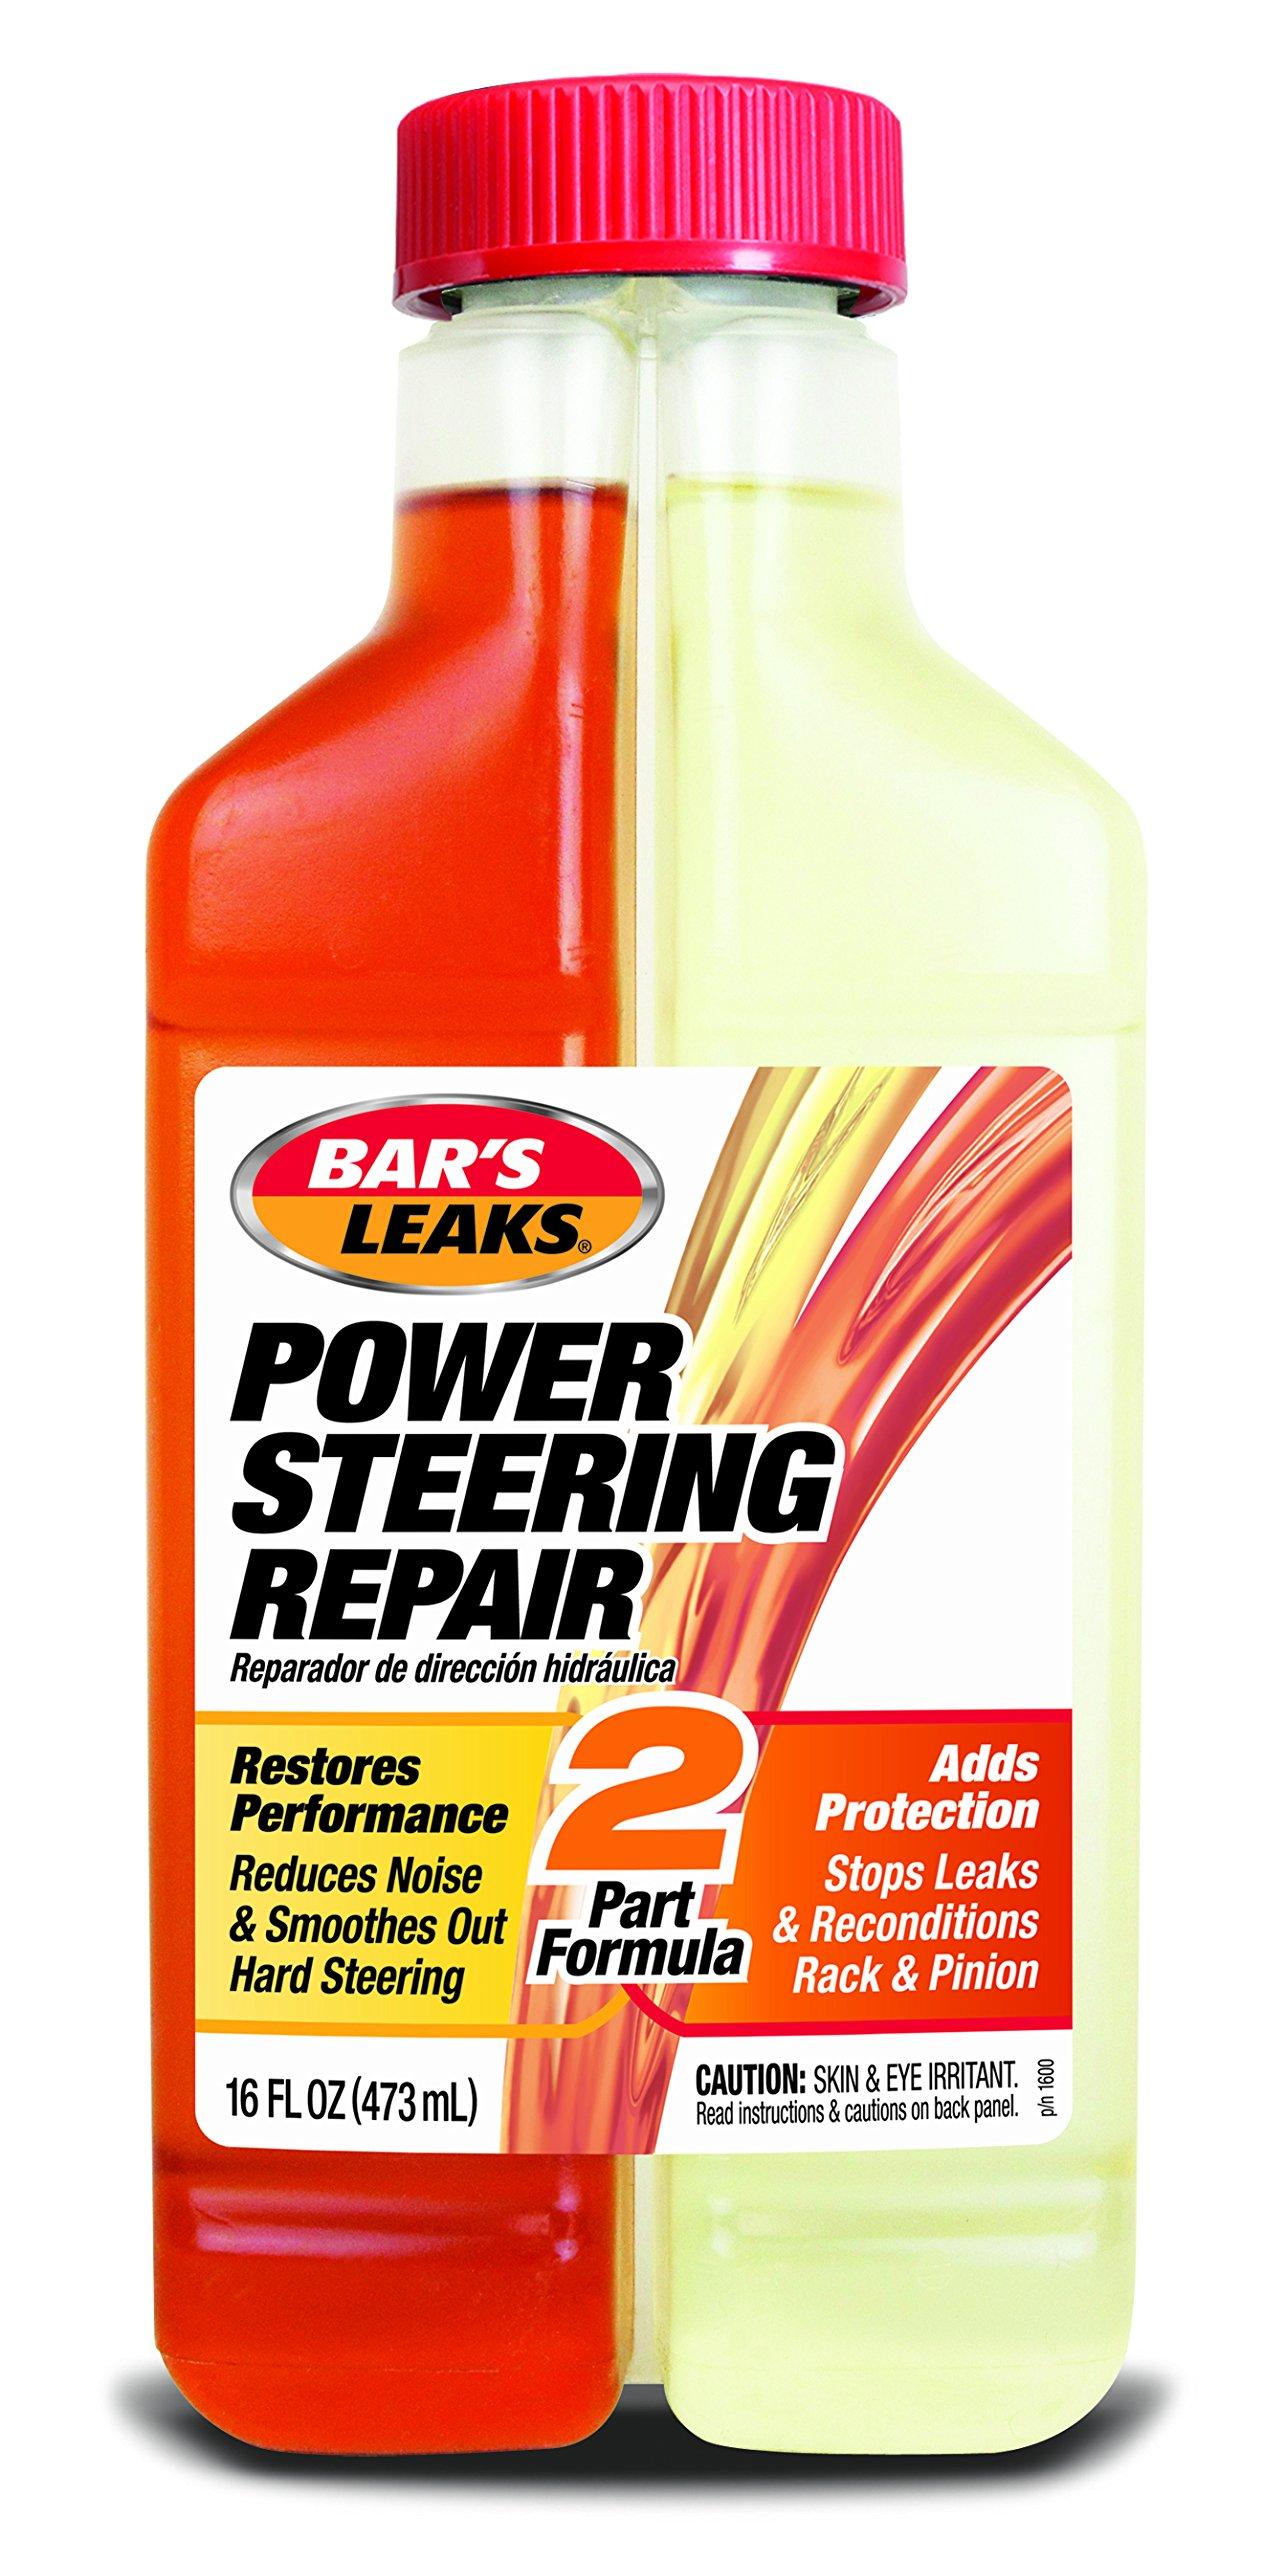 Bar's Leaks 1600 Power Steering Repair - 16